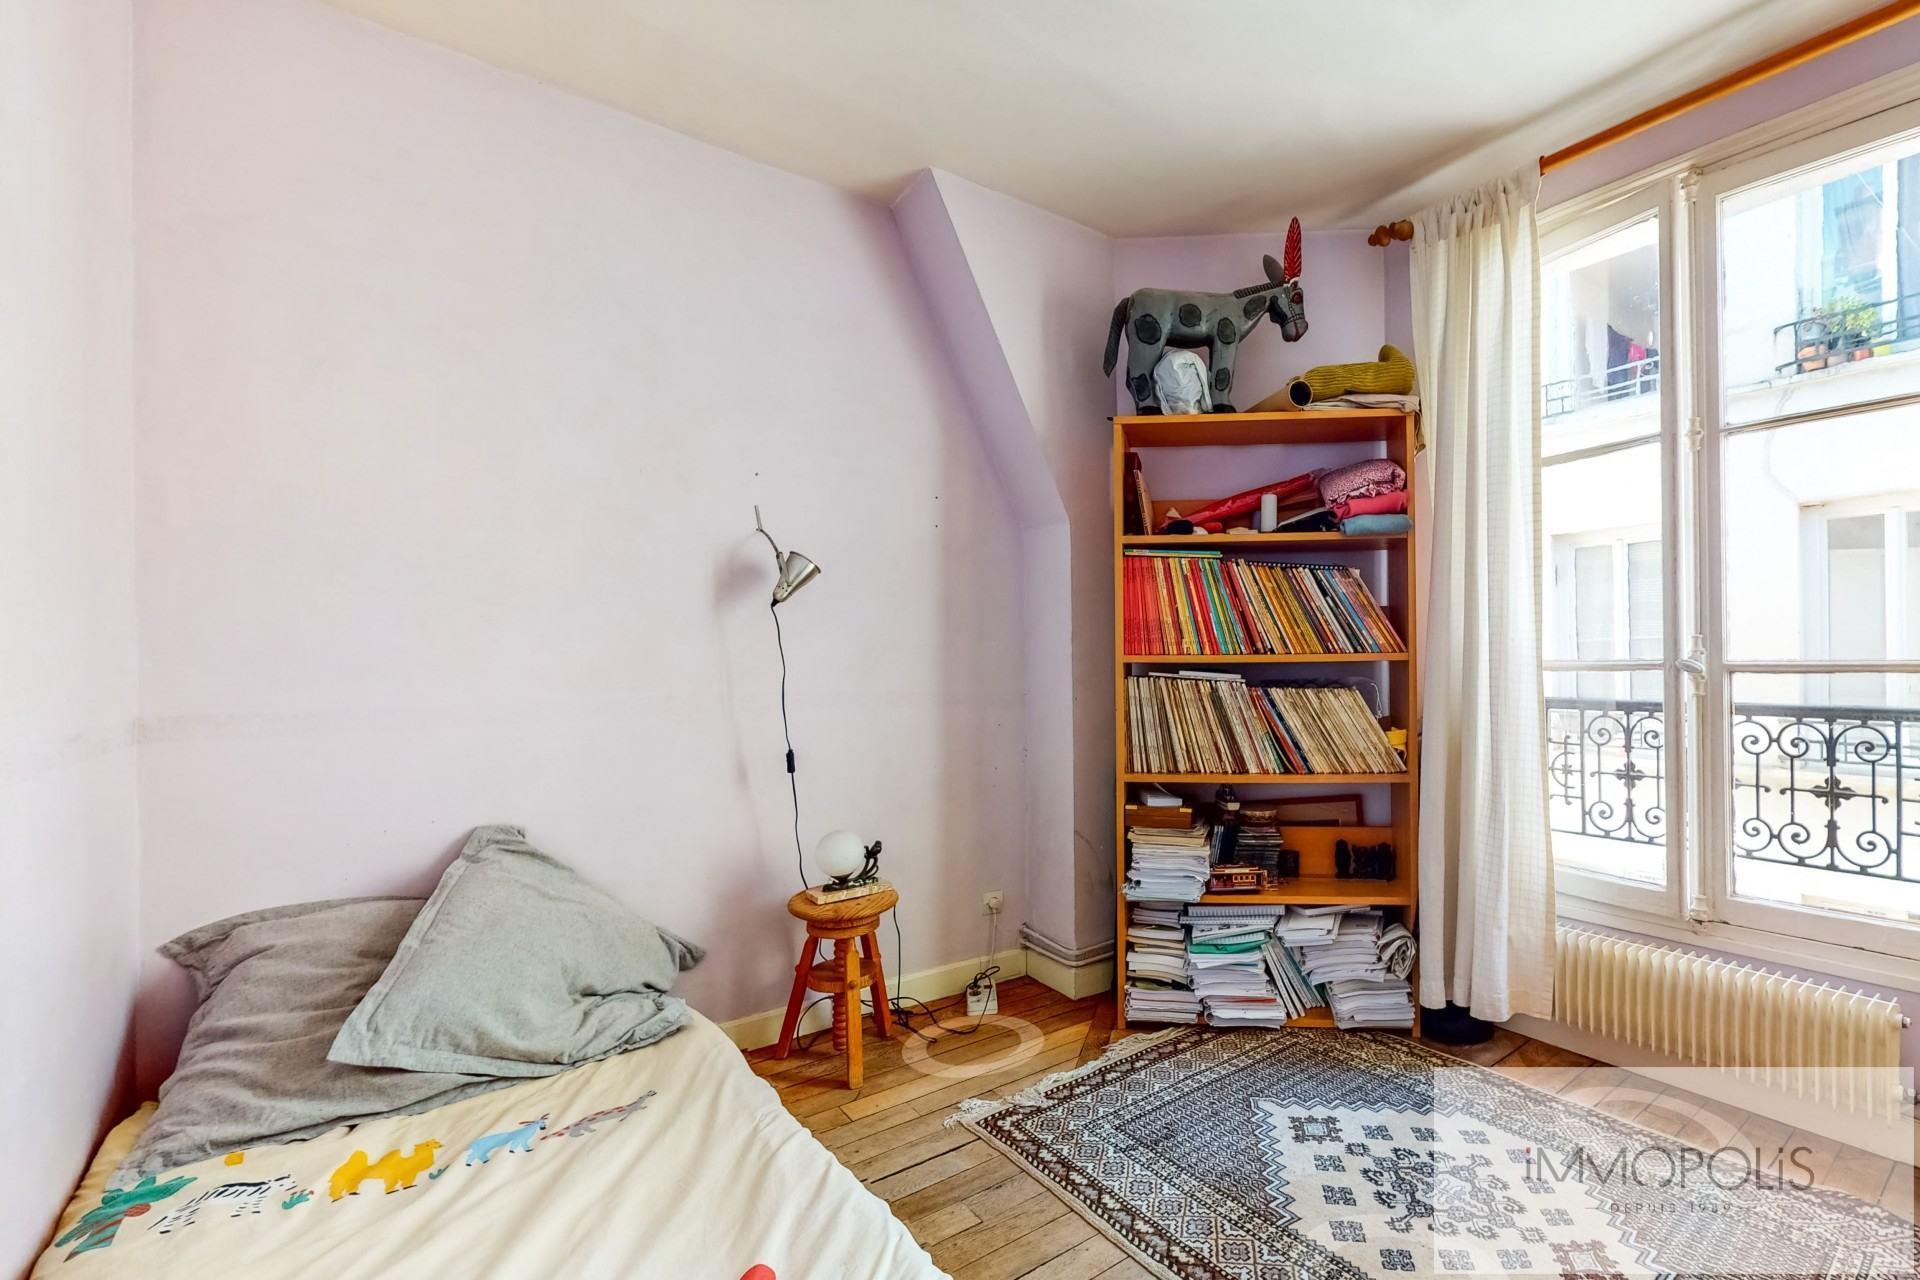 Appartement atypique à rénover, plein de charme, Rue Richard Lenoir – Paris XIème. 7